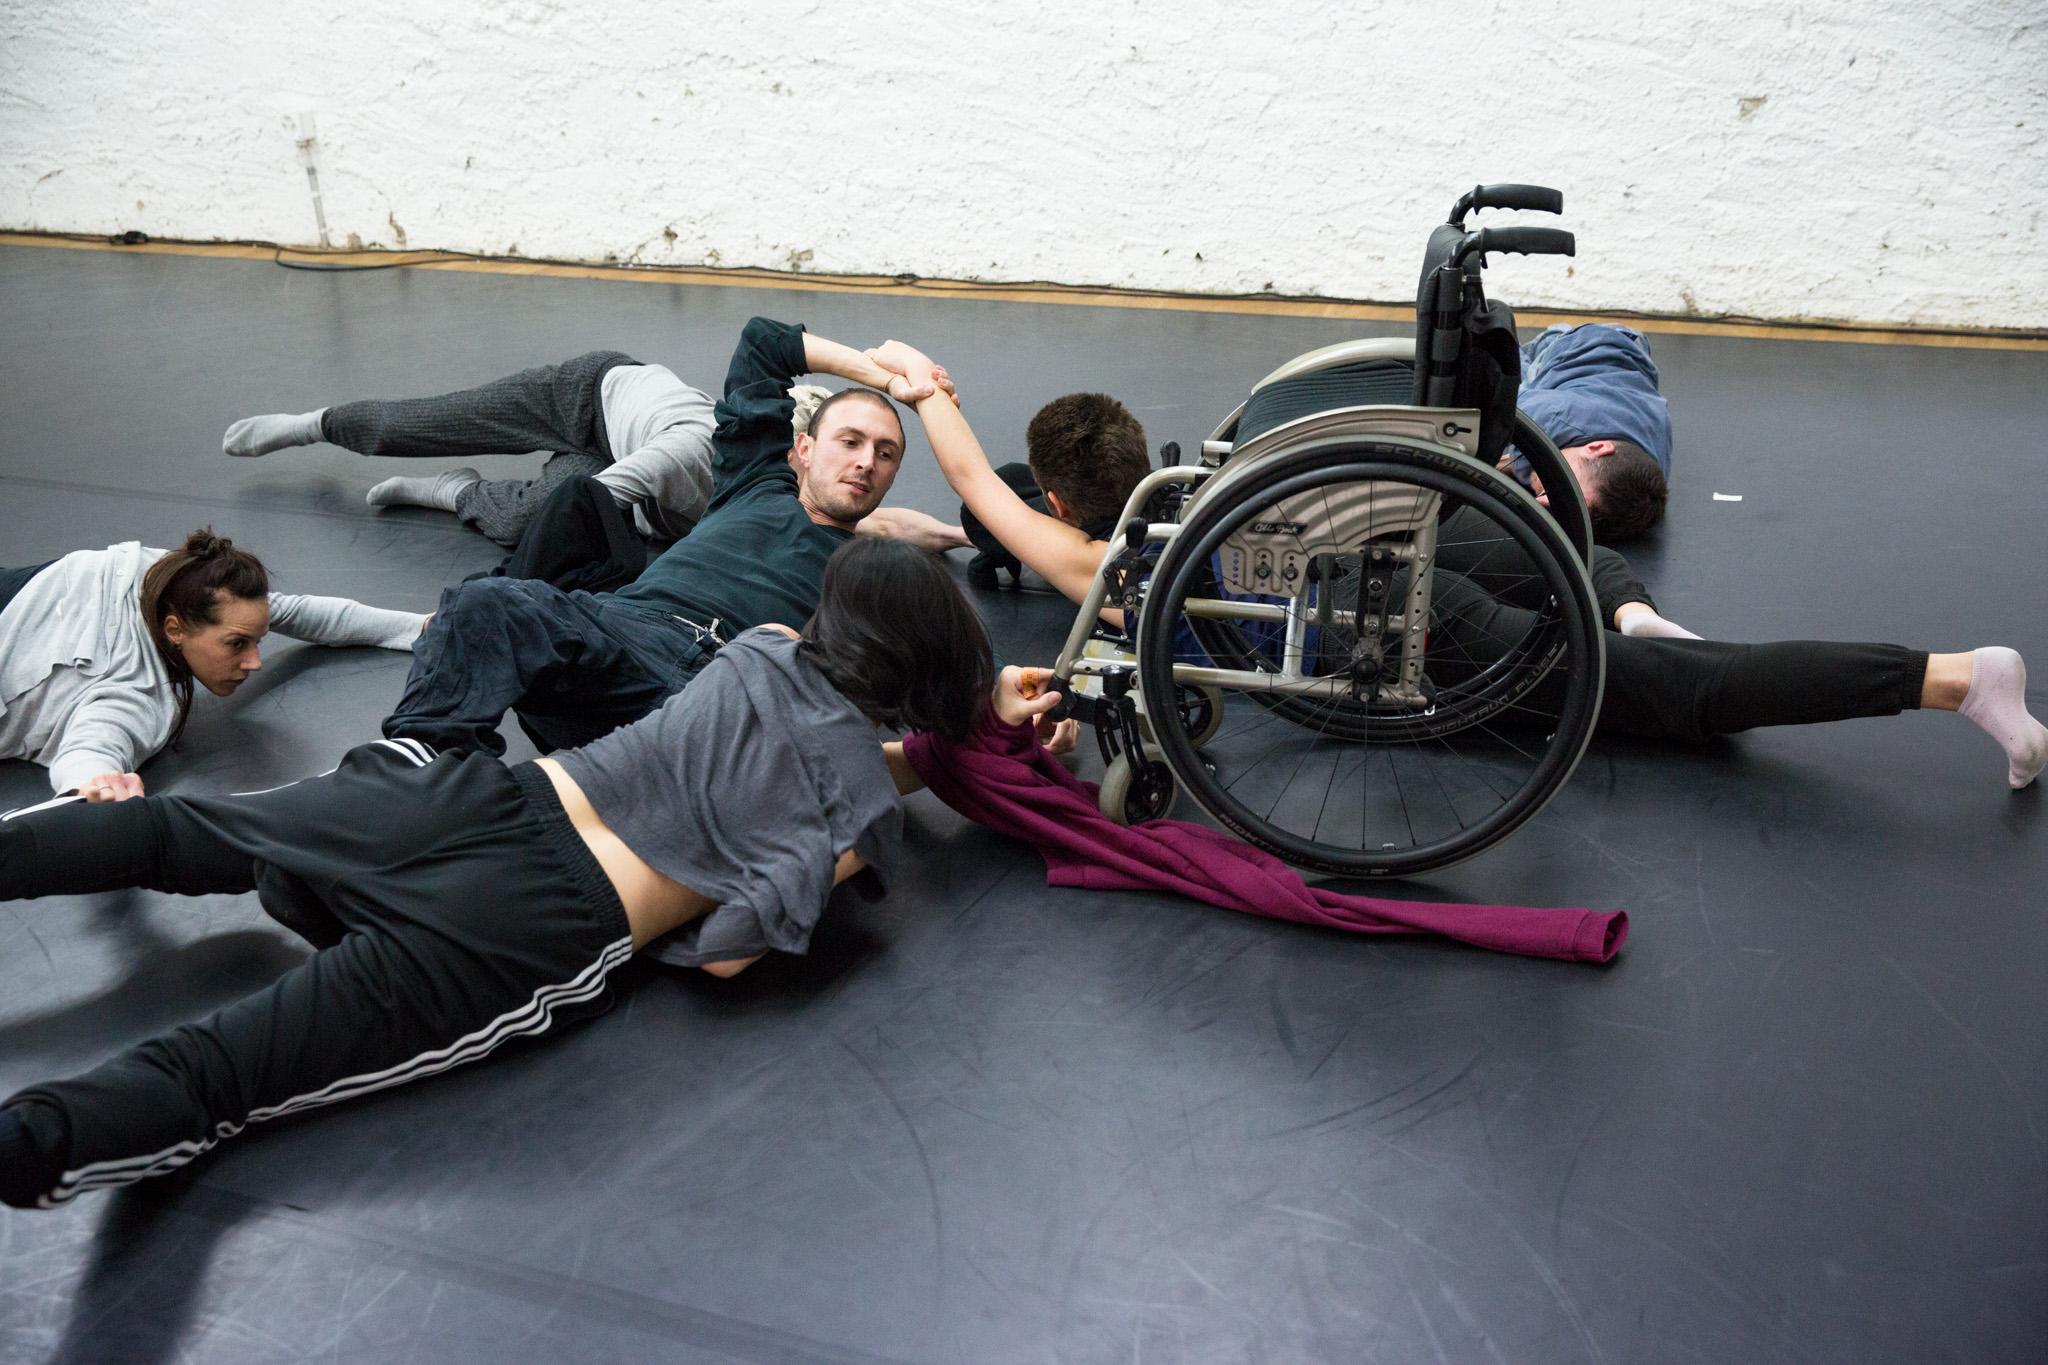 Der italienische Tänzer und Choreograf Alessandro Schiattarella bei den Proben im Roxy Theater.